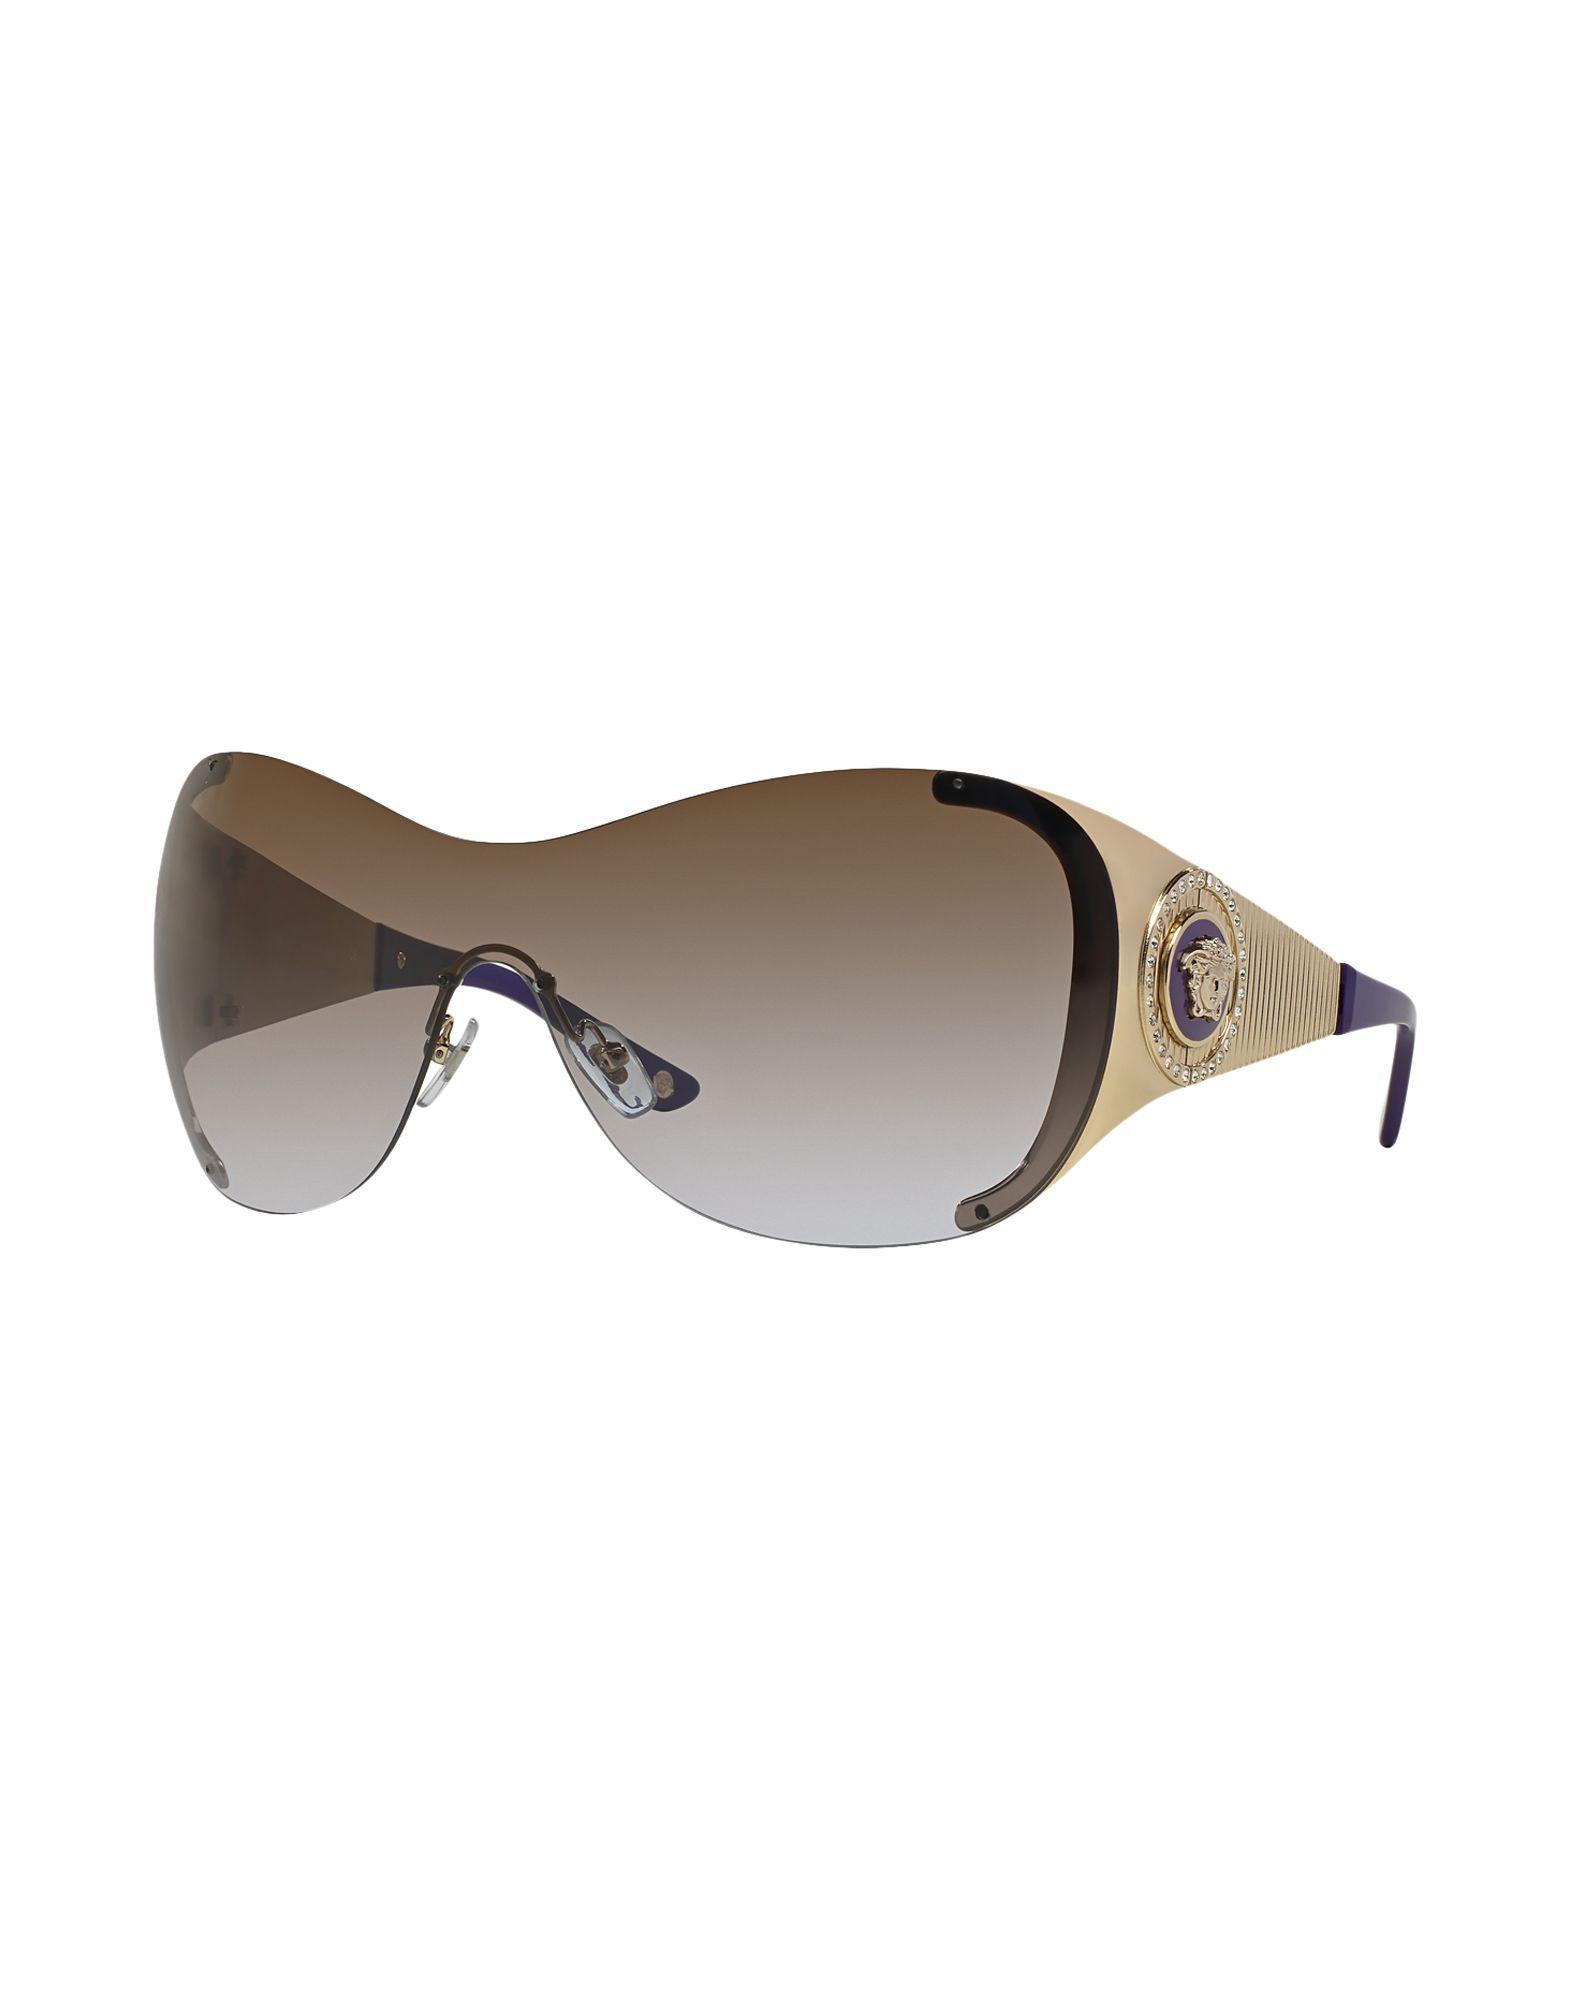 2a28643cafe Versace Sunglasses - YOOX Belgium